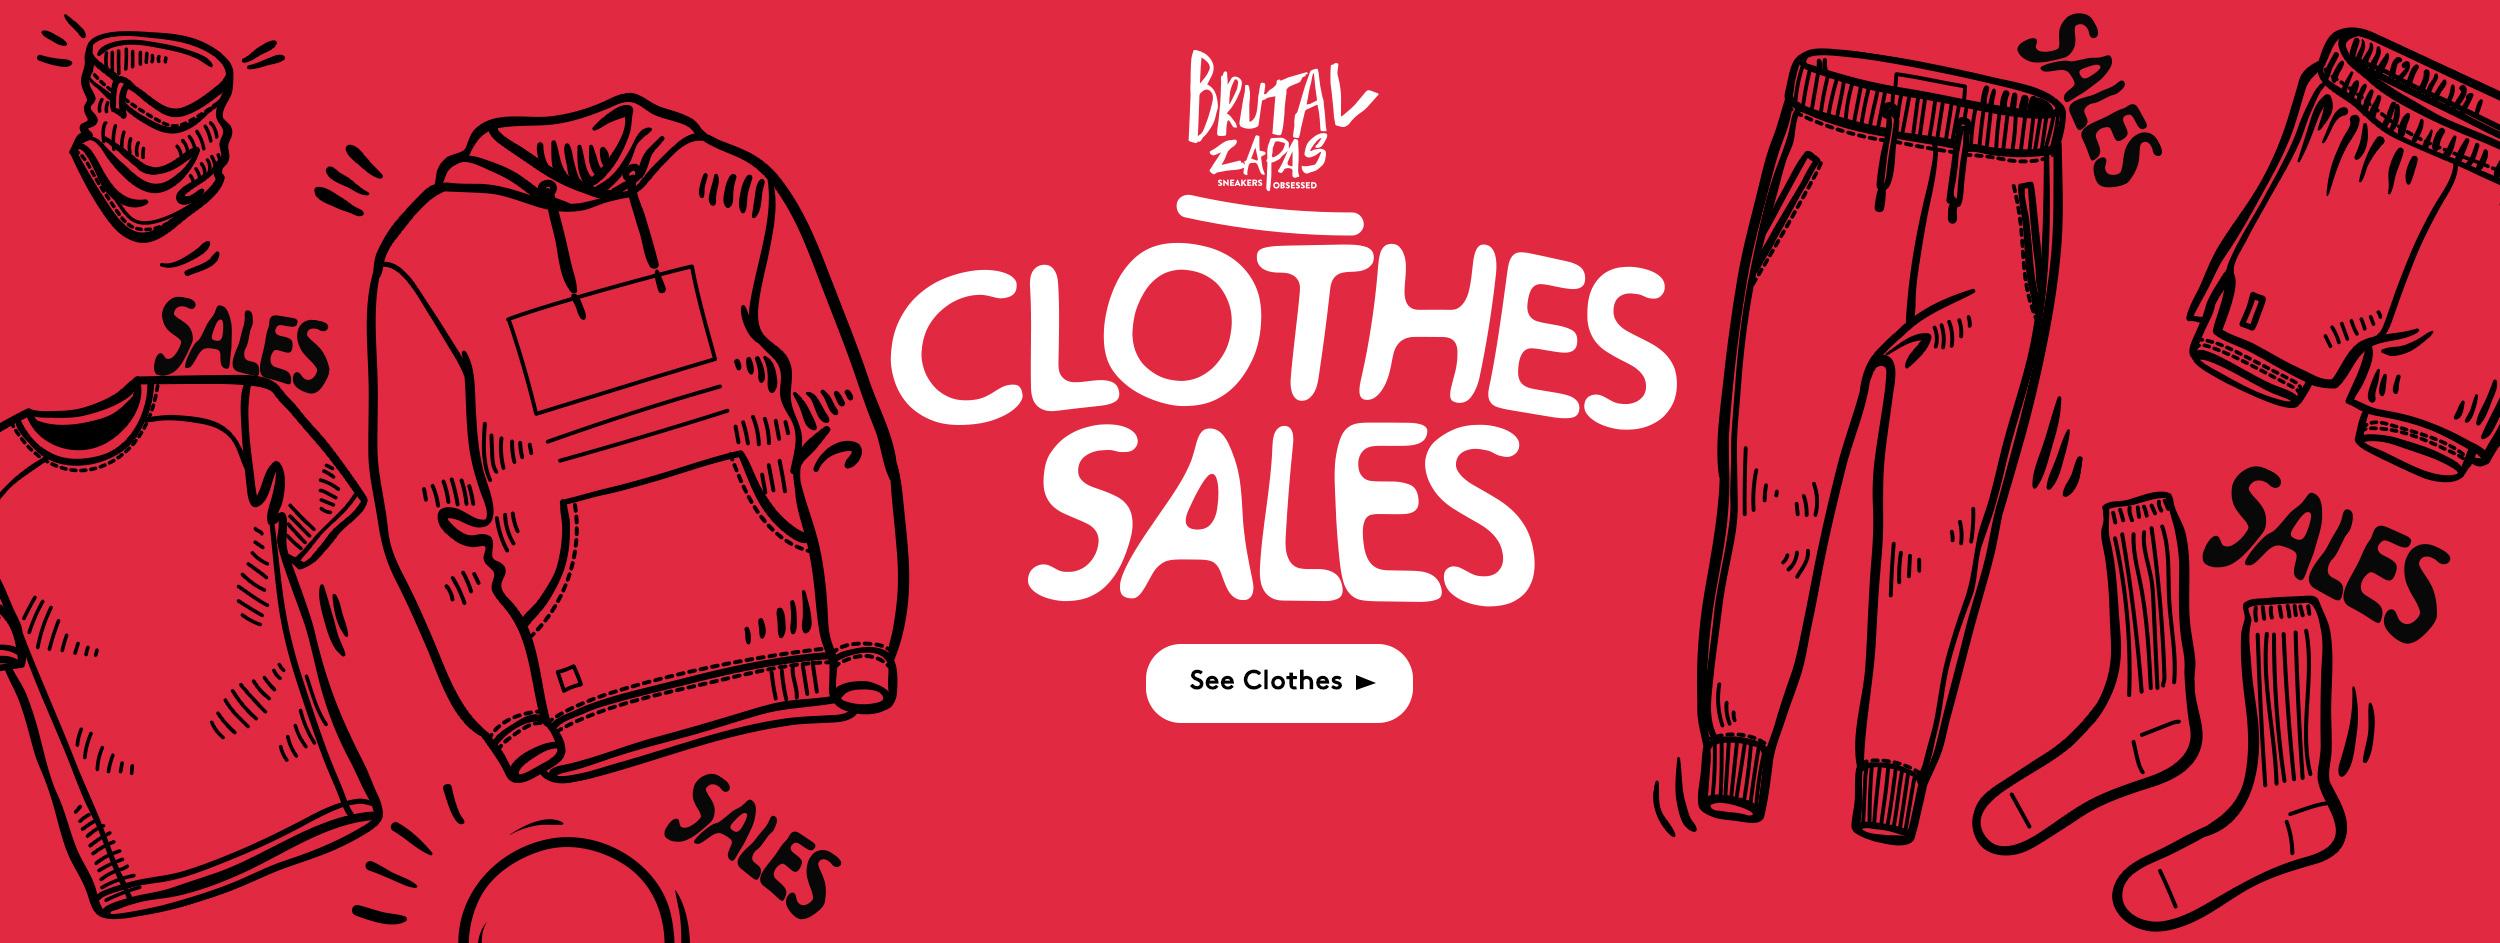 CLOTHES SALES